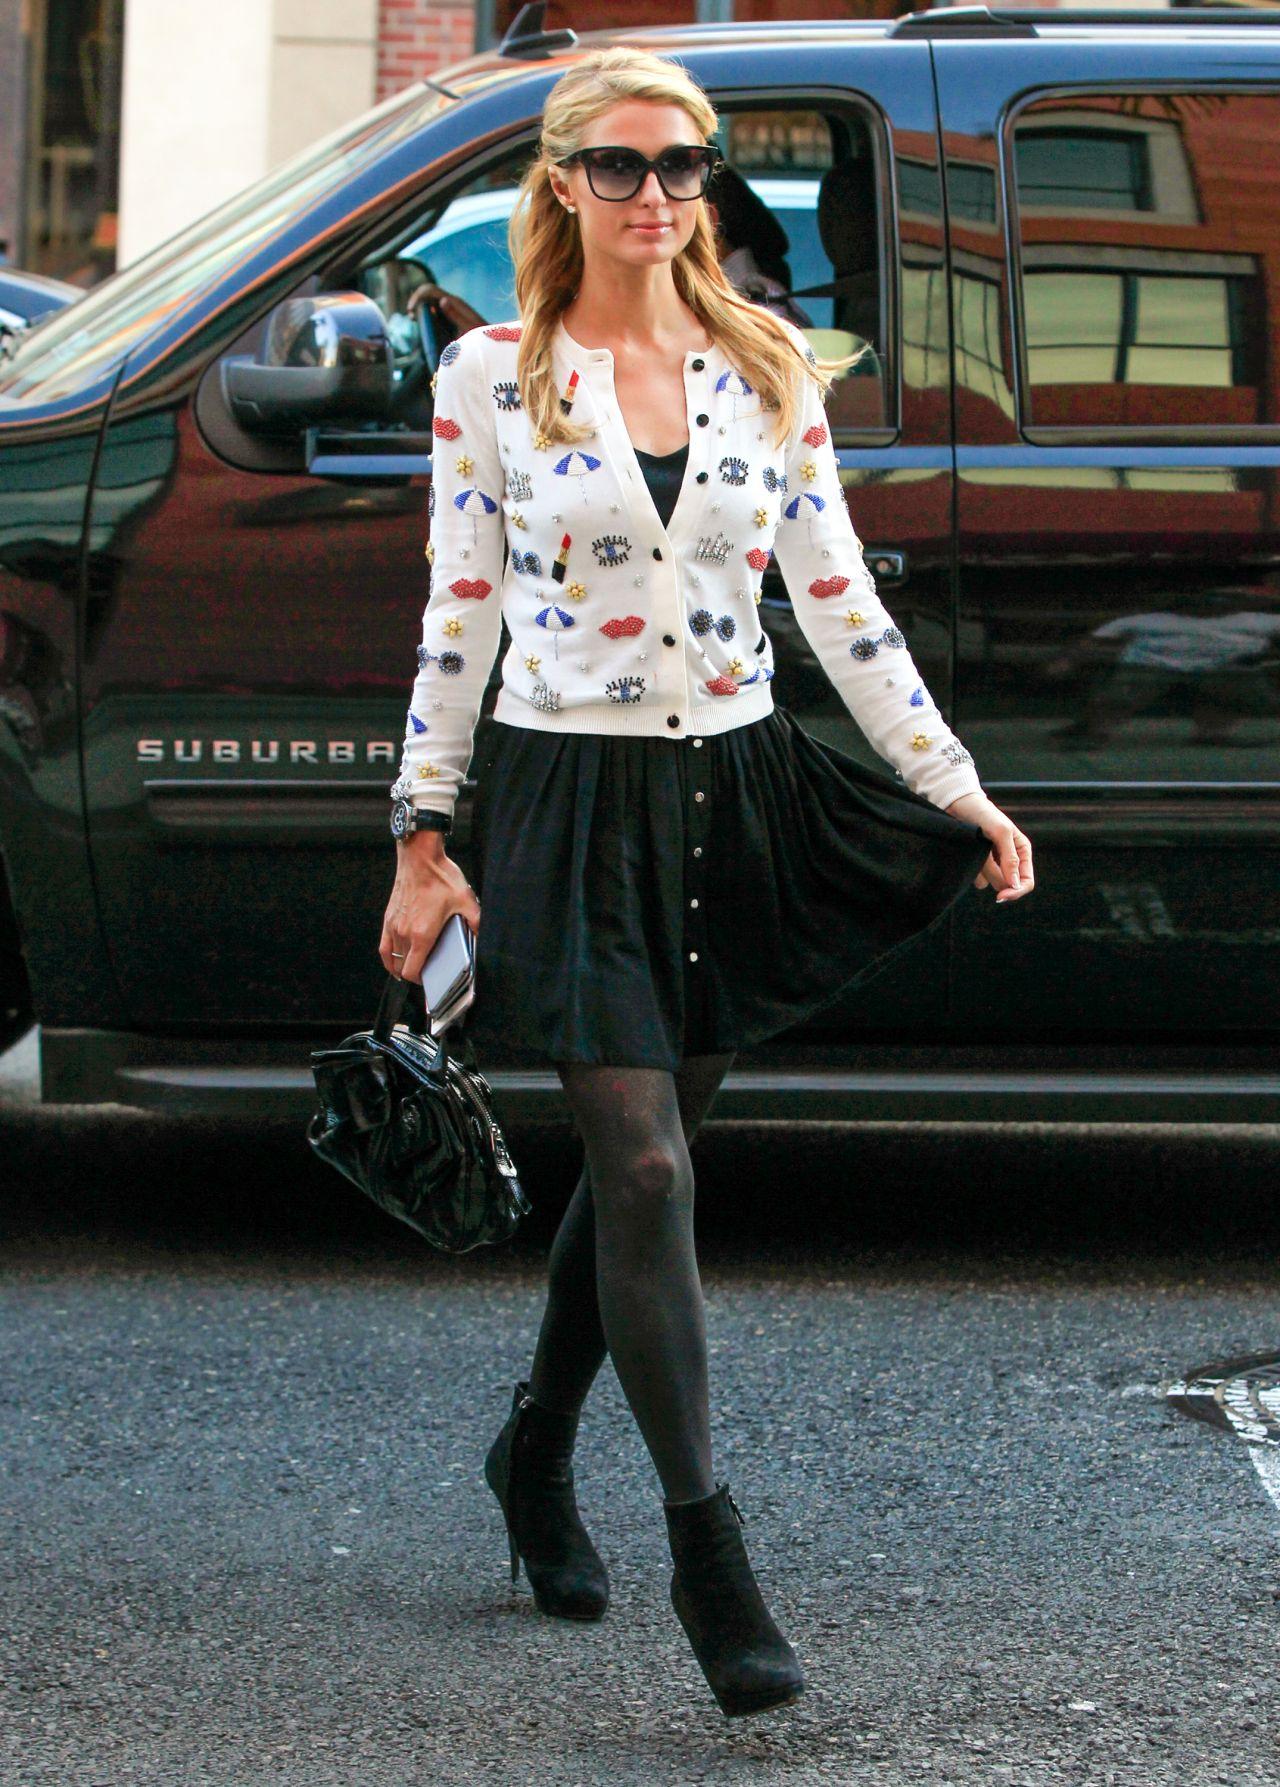 Paris Hilton Street Fashion Stops By Anastasia Salon In